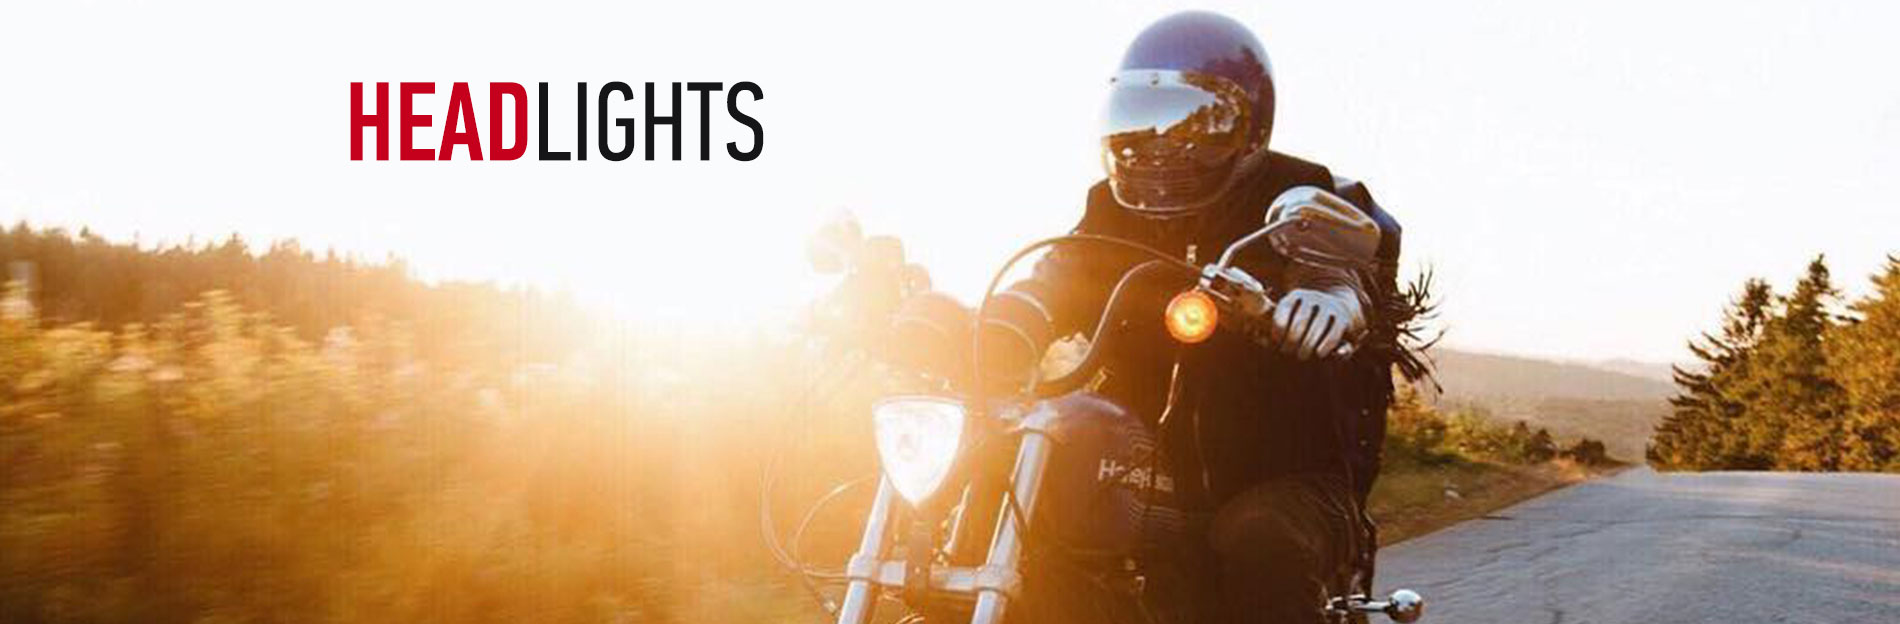 bpd-categories-head-lights-1.jpg